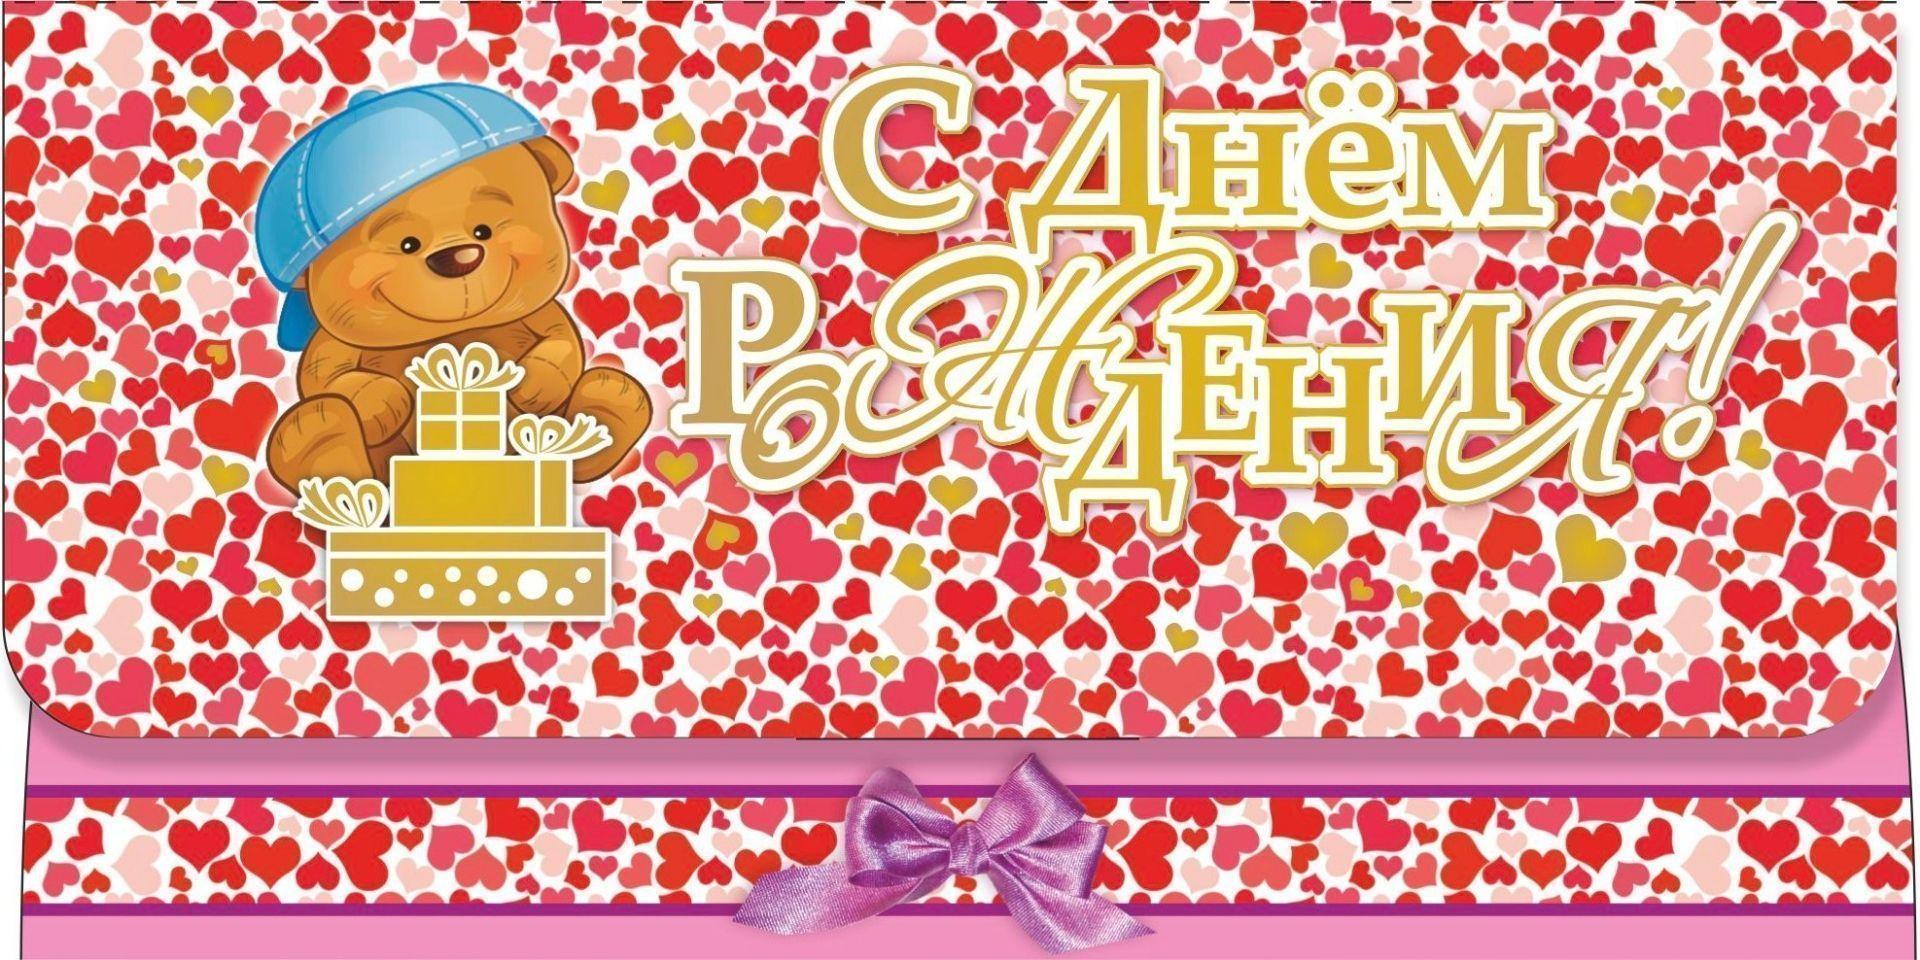 отличительной чертой открытки с днем рождения конвертиком многие по-старинке называют